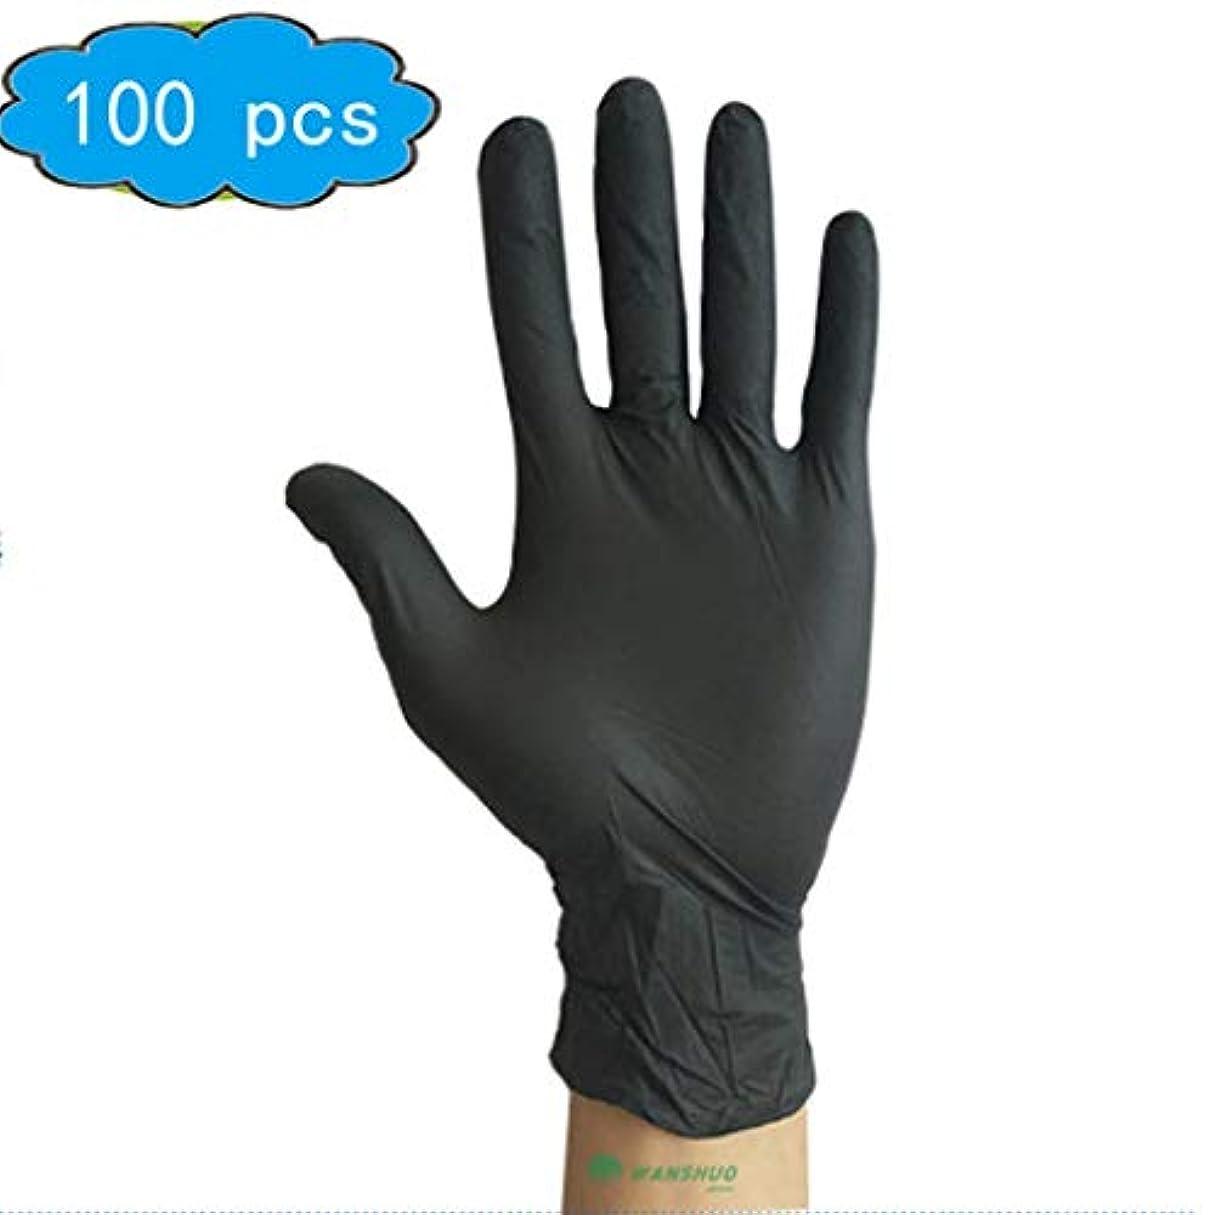 同性愛者協定桁ホームキッチンクリーニング手の保護のためにDisposibleゴム手袋、手袋アンチスリップラテックス手袋 (Color : Black, Size : L)